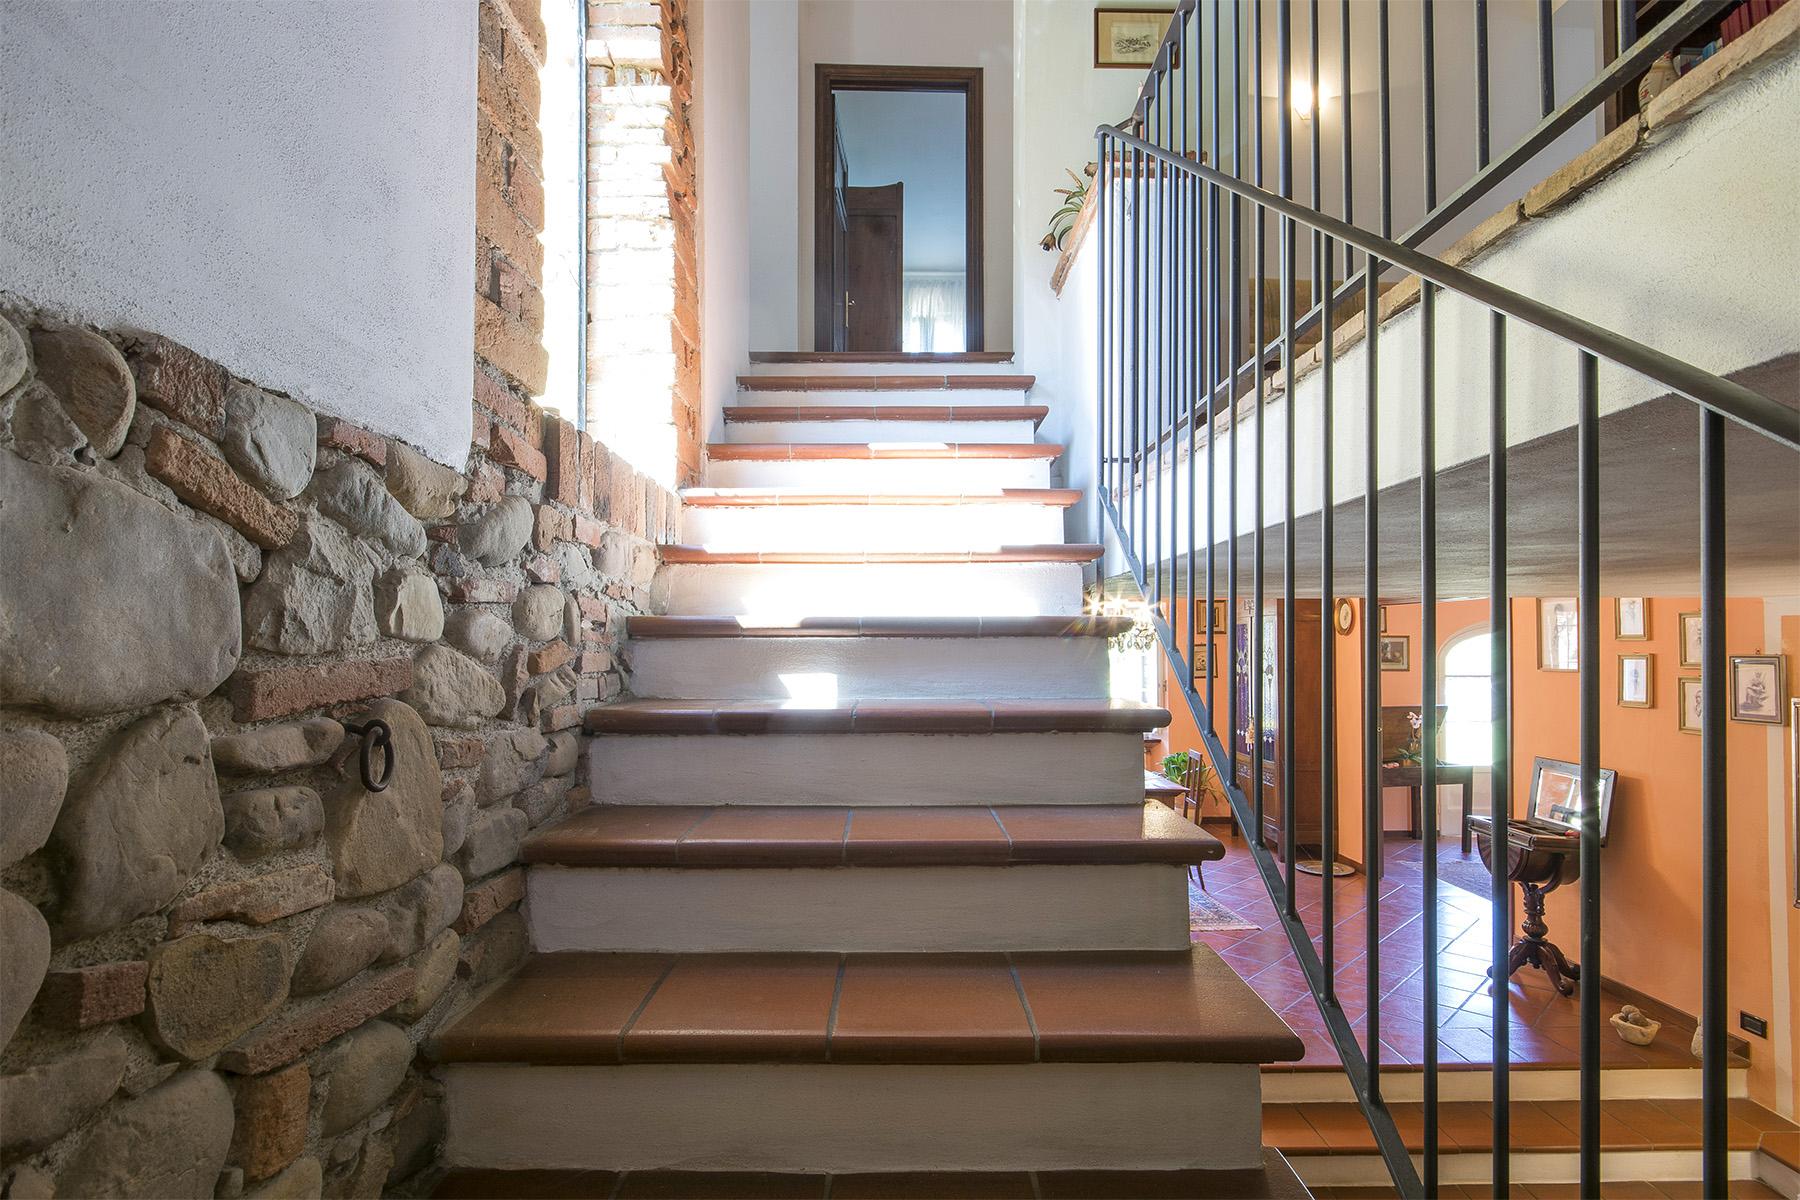 Rustico in Vendita a Capannori: 5 locali, 400 mq - Foto 9